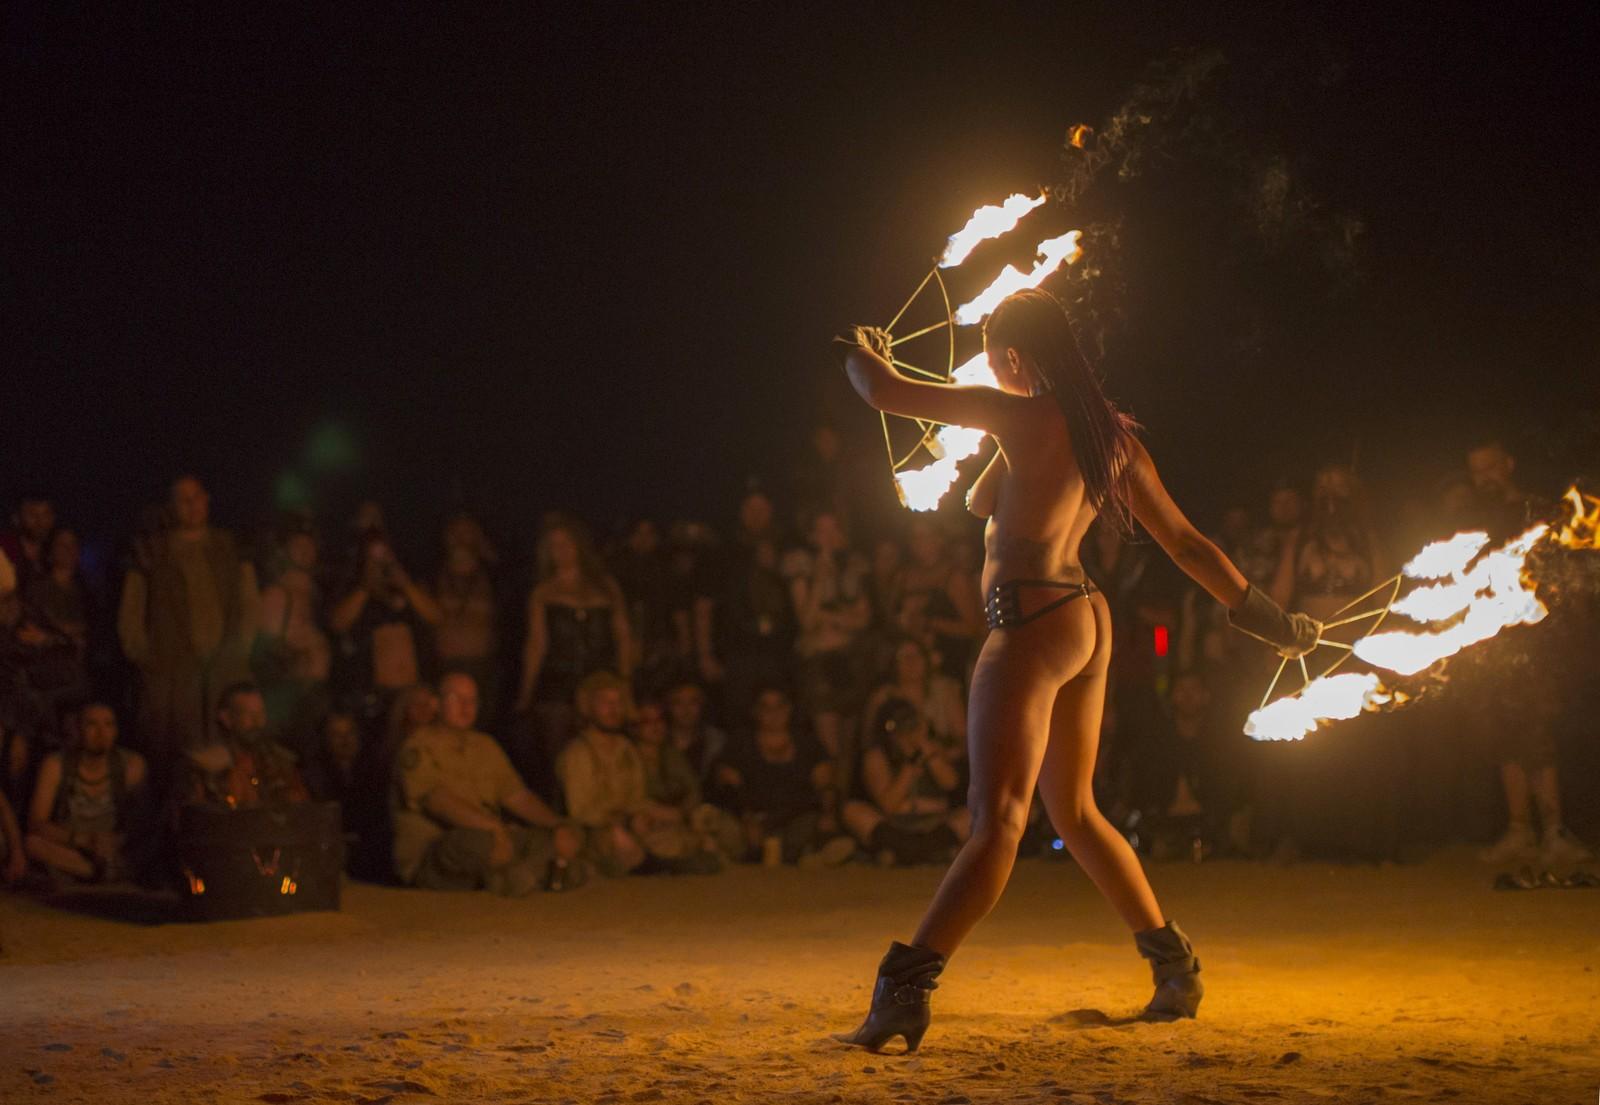 Ekshibisjonismen råder naturligvis på en slik festival. Her underholder en burlesque-danser.